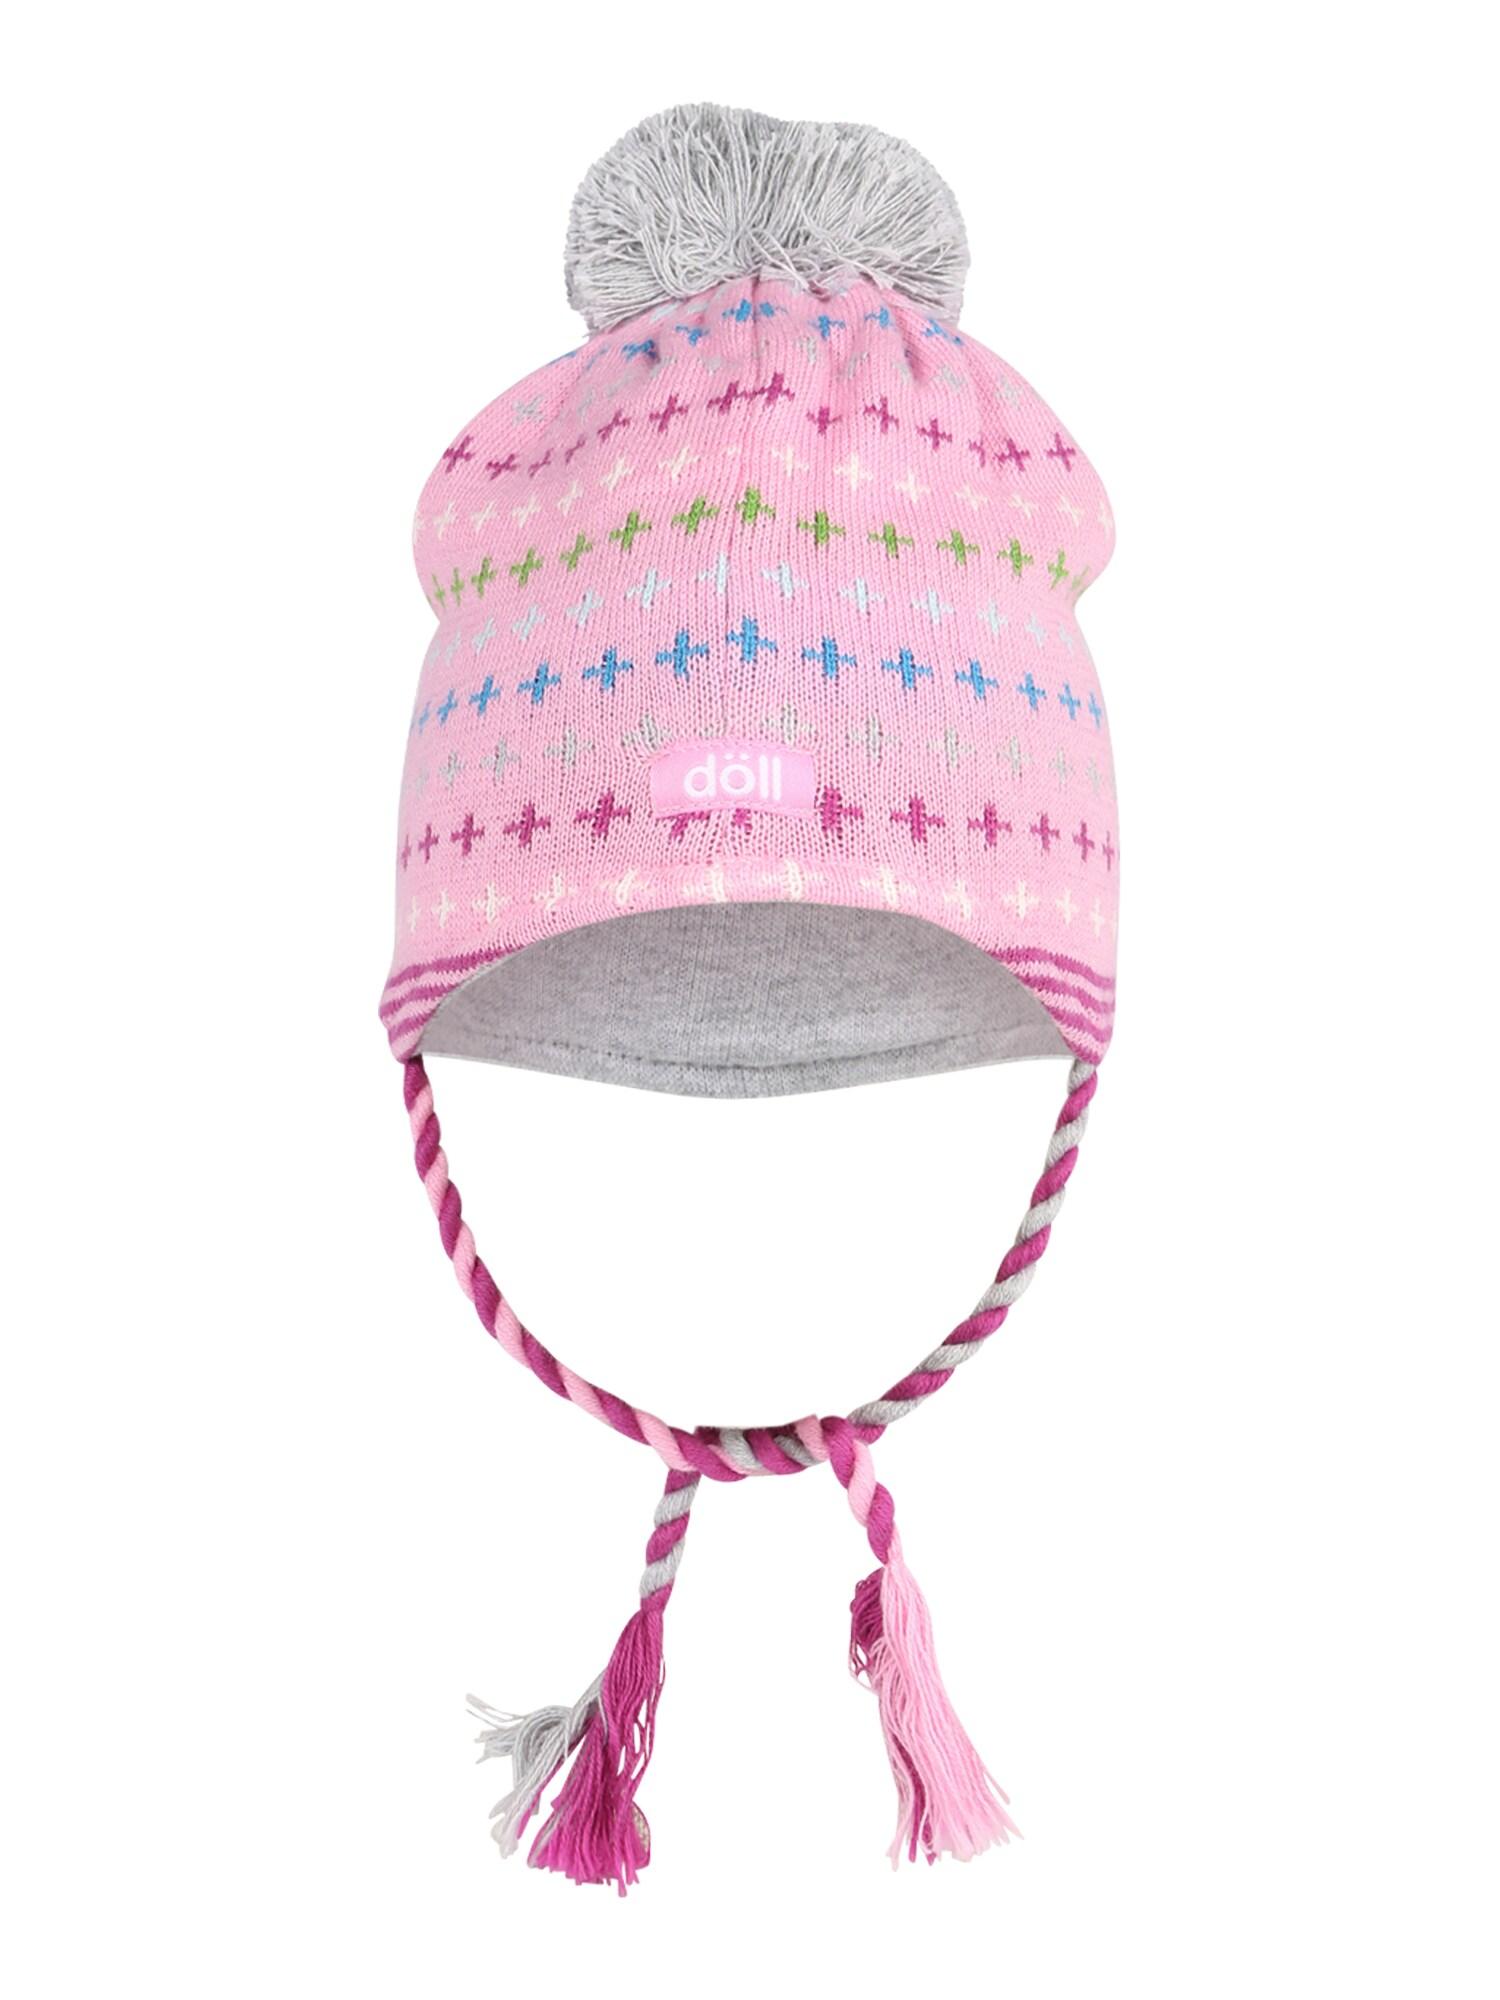 DÖLL Megzta kepurė šviesiai rožinė / mėlyna / šviesiai mėlyna / pitajų spalva / žalia